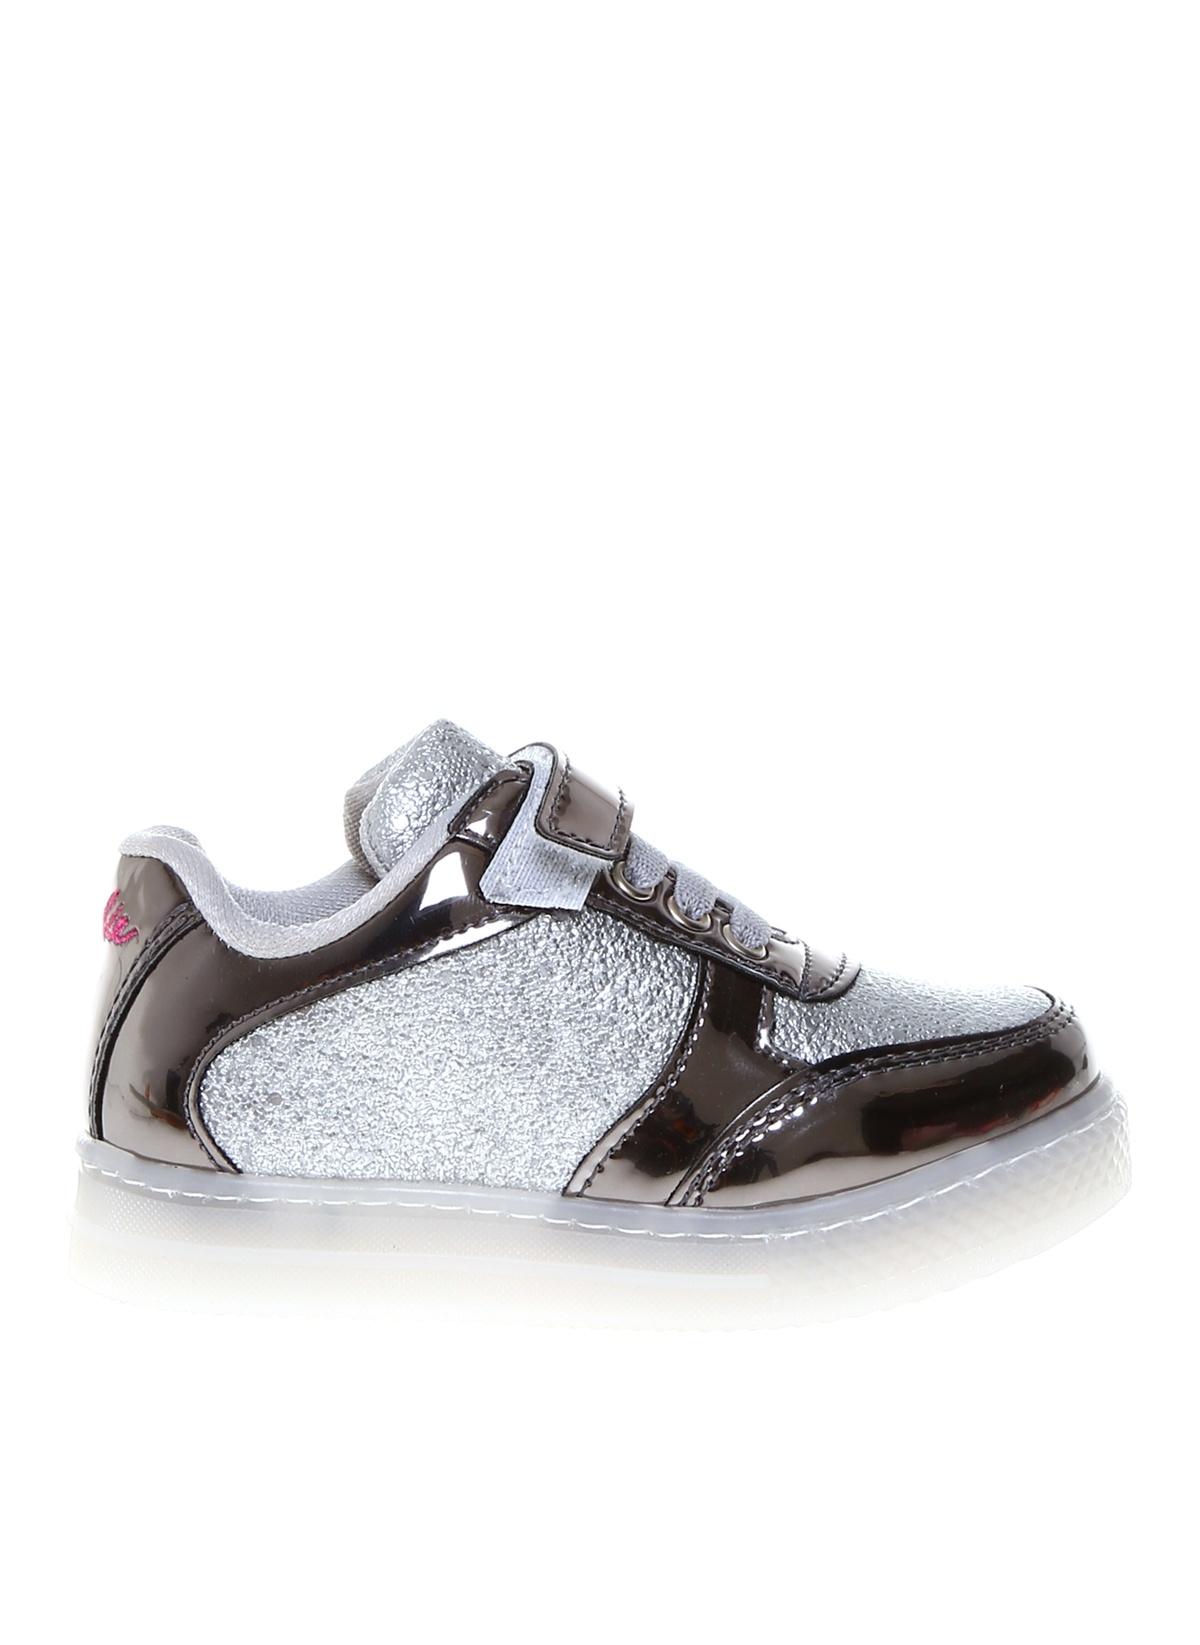 Kız Çocuk Barbie Spor Ayakkabı